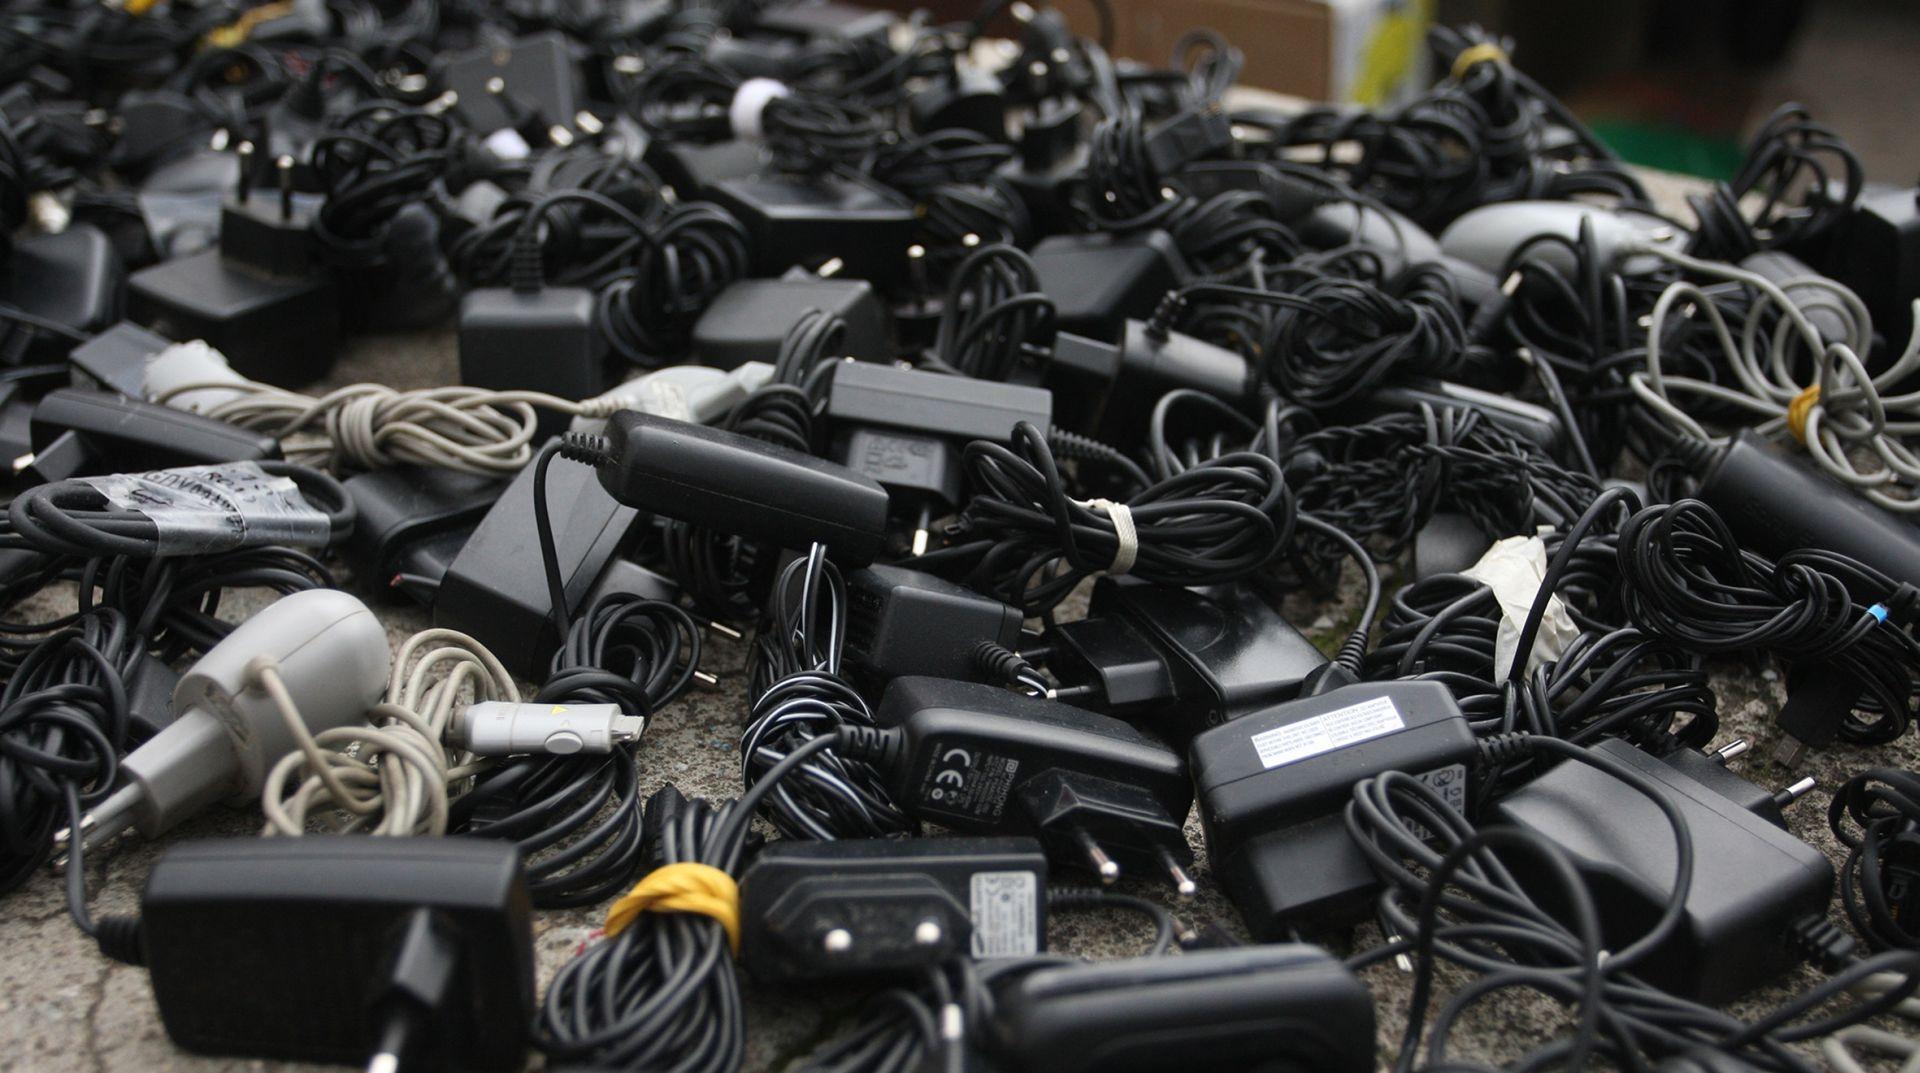 POLICIJA POZIVA NA OPREZ Požar u kući u Crikvenici izazvali punjači mobitela